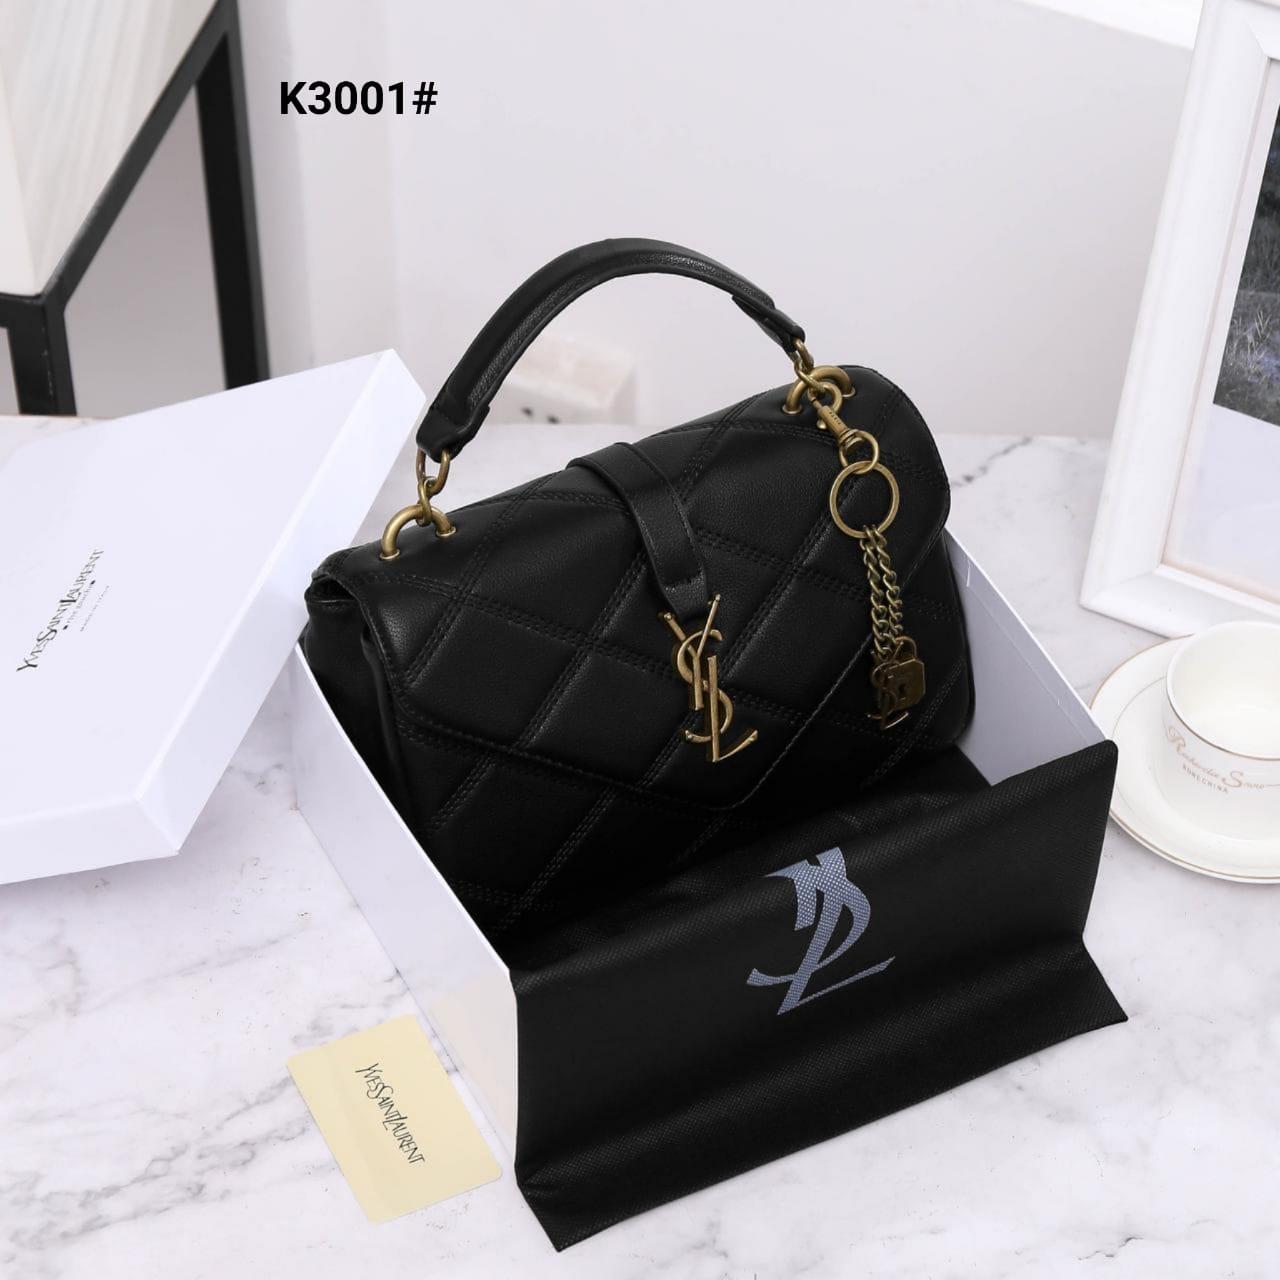 Tas fashion wanita terbaru 2020 surabaya K3001SV